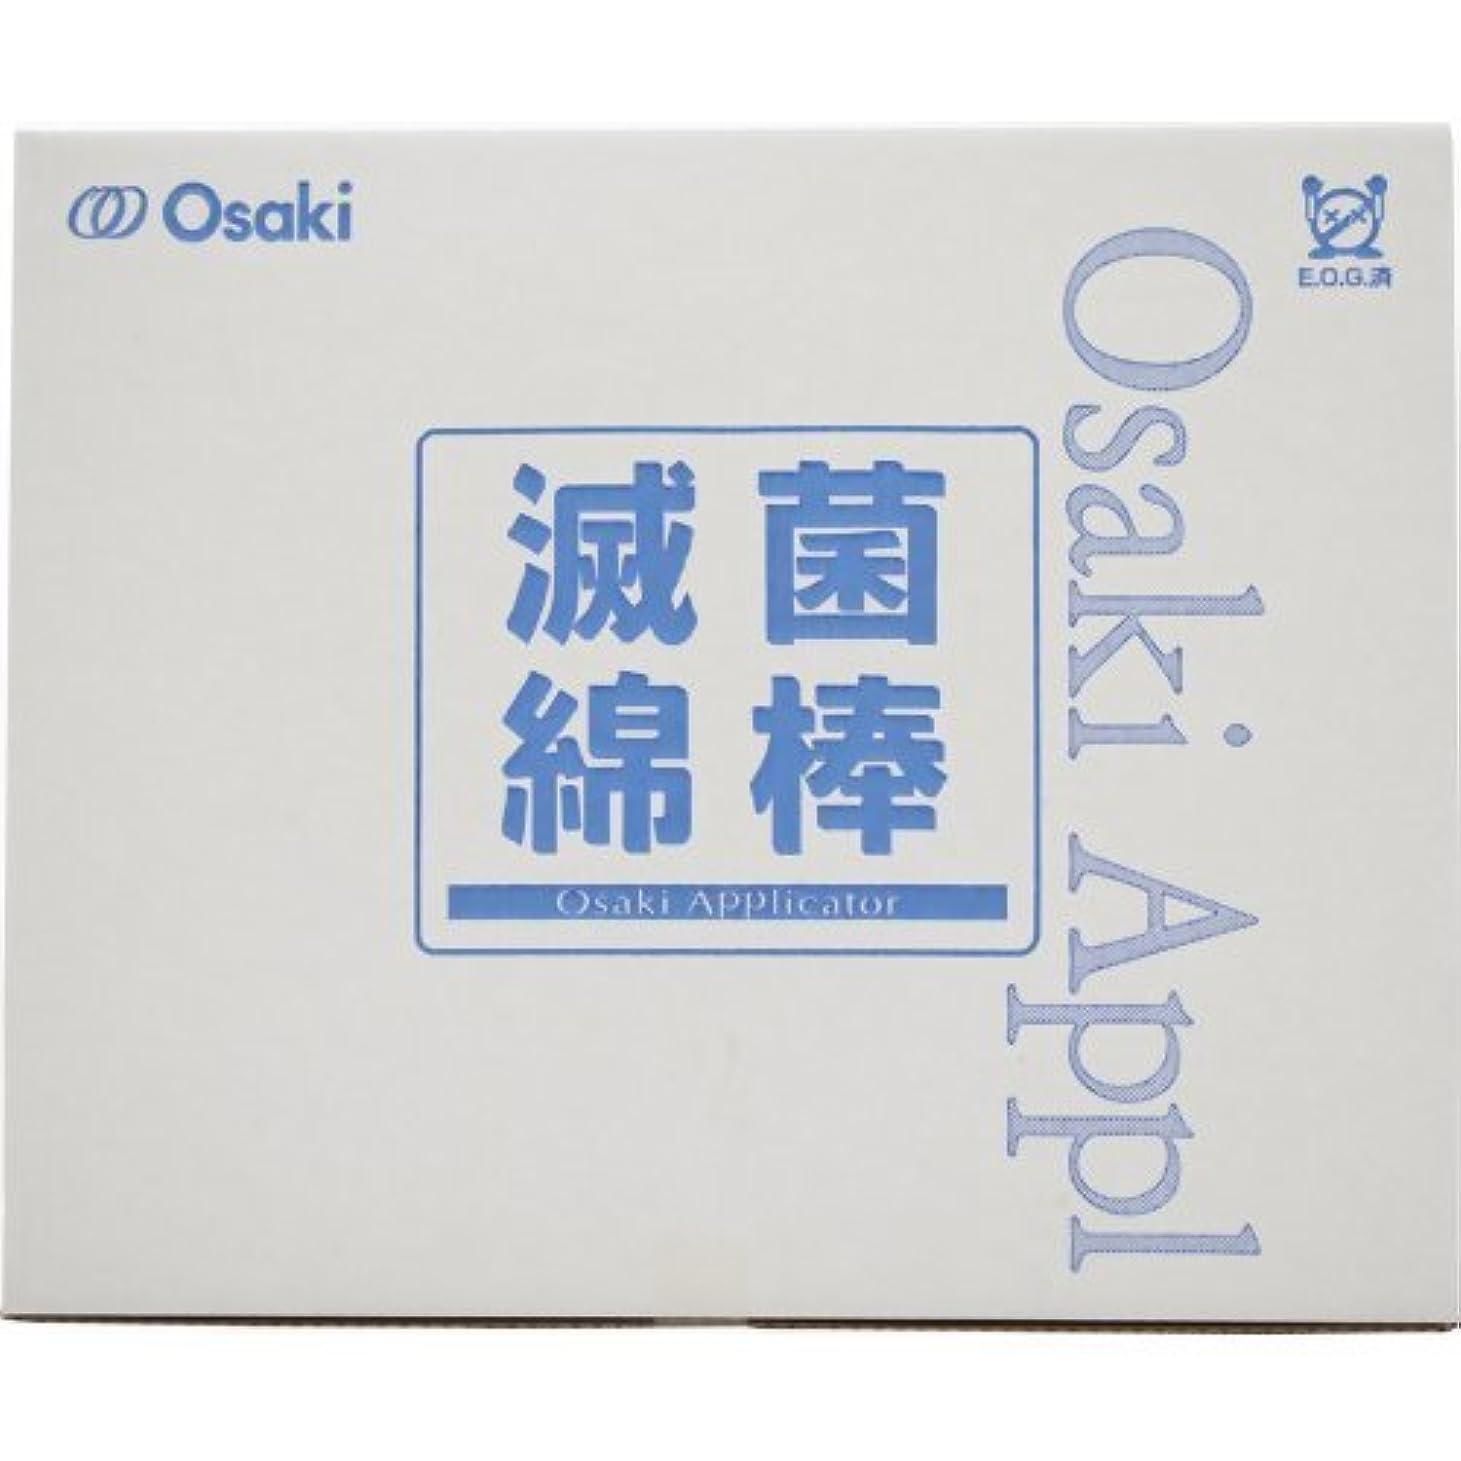 期待してスーツケース高揚した滅菌オオサキ綿棒 S1215-10 12mm(綿直径) 150mm(軸長) 10本入(20袋)